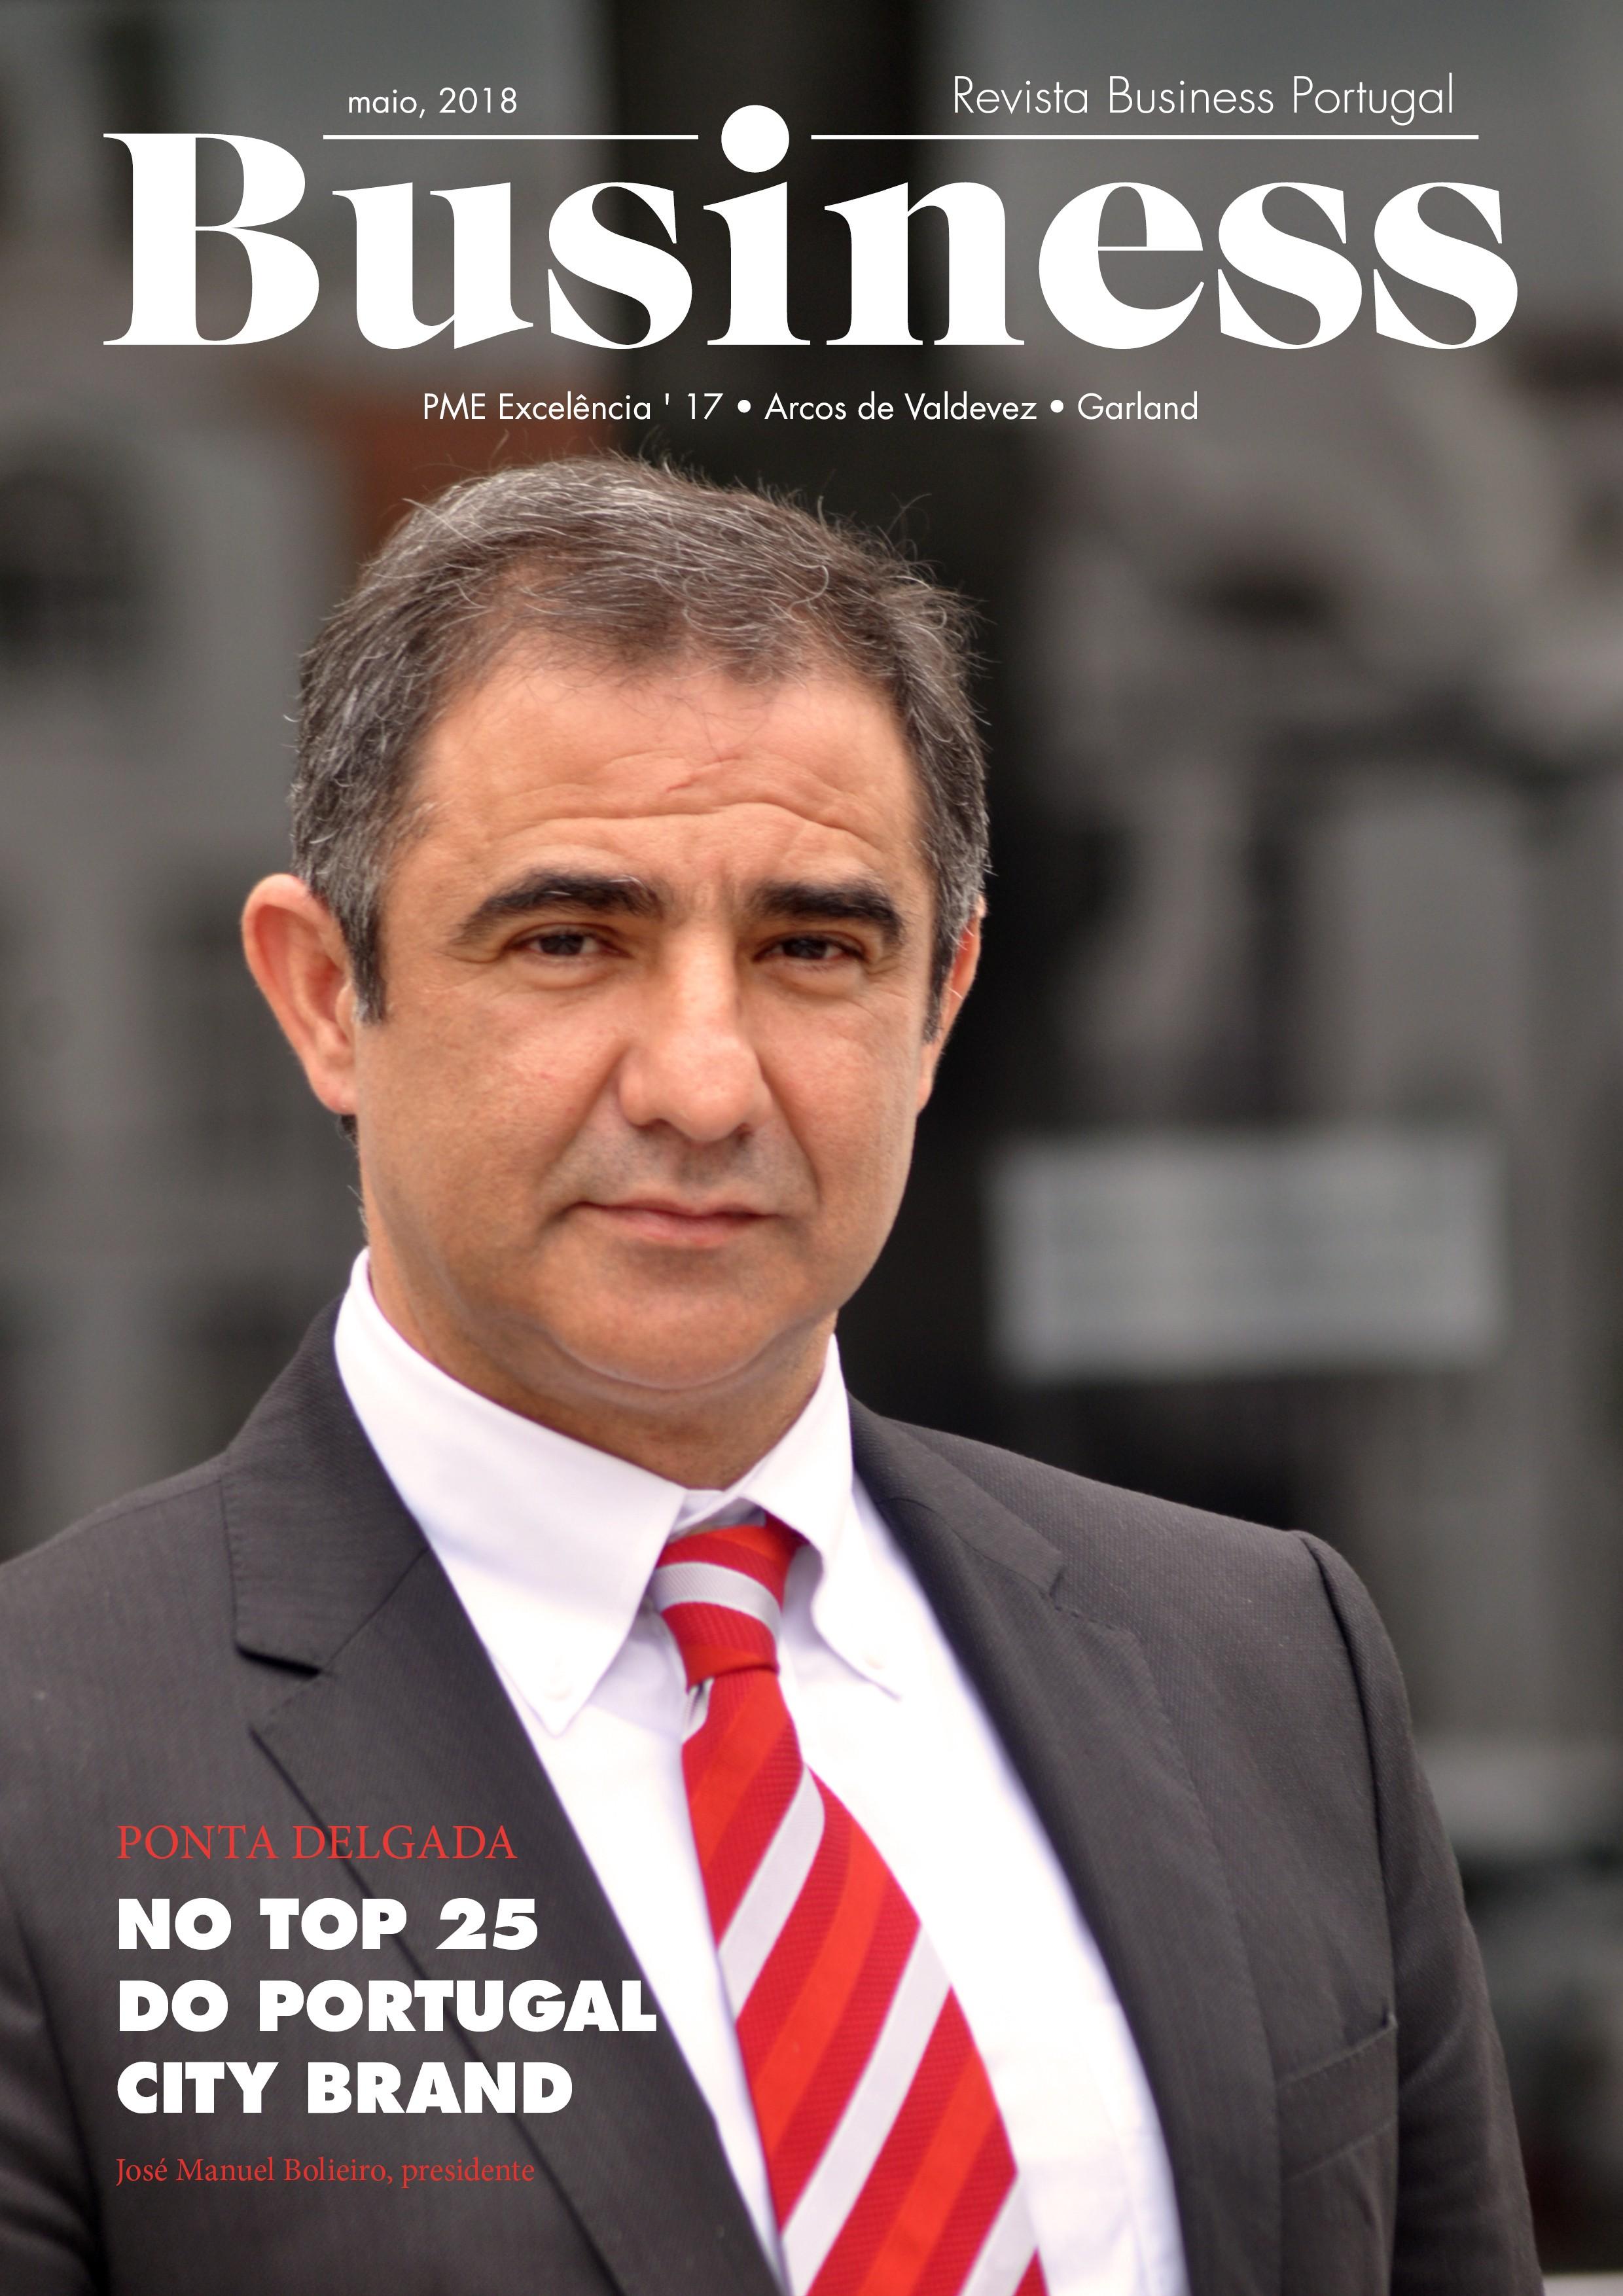 CM Ponta Delgada